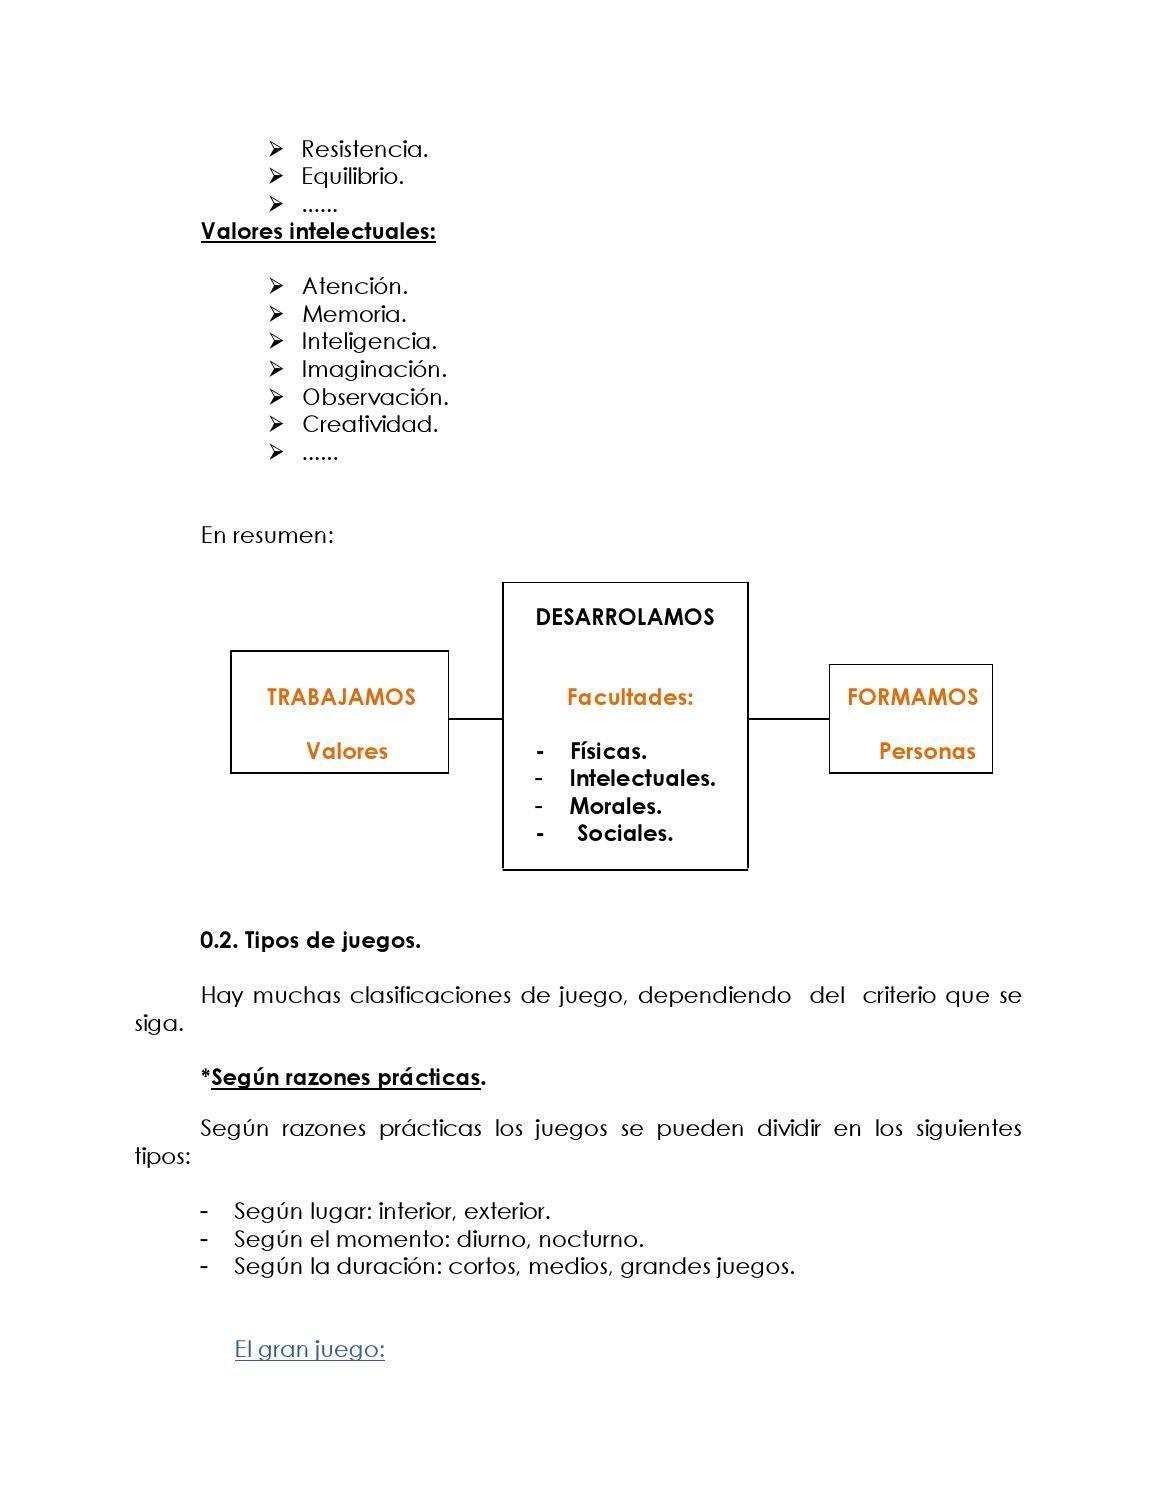 EL LIBRO DE JUEGOS DE DARÍO Digital publishing, Make it